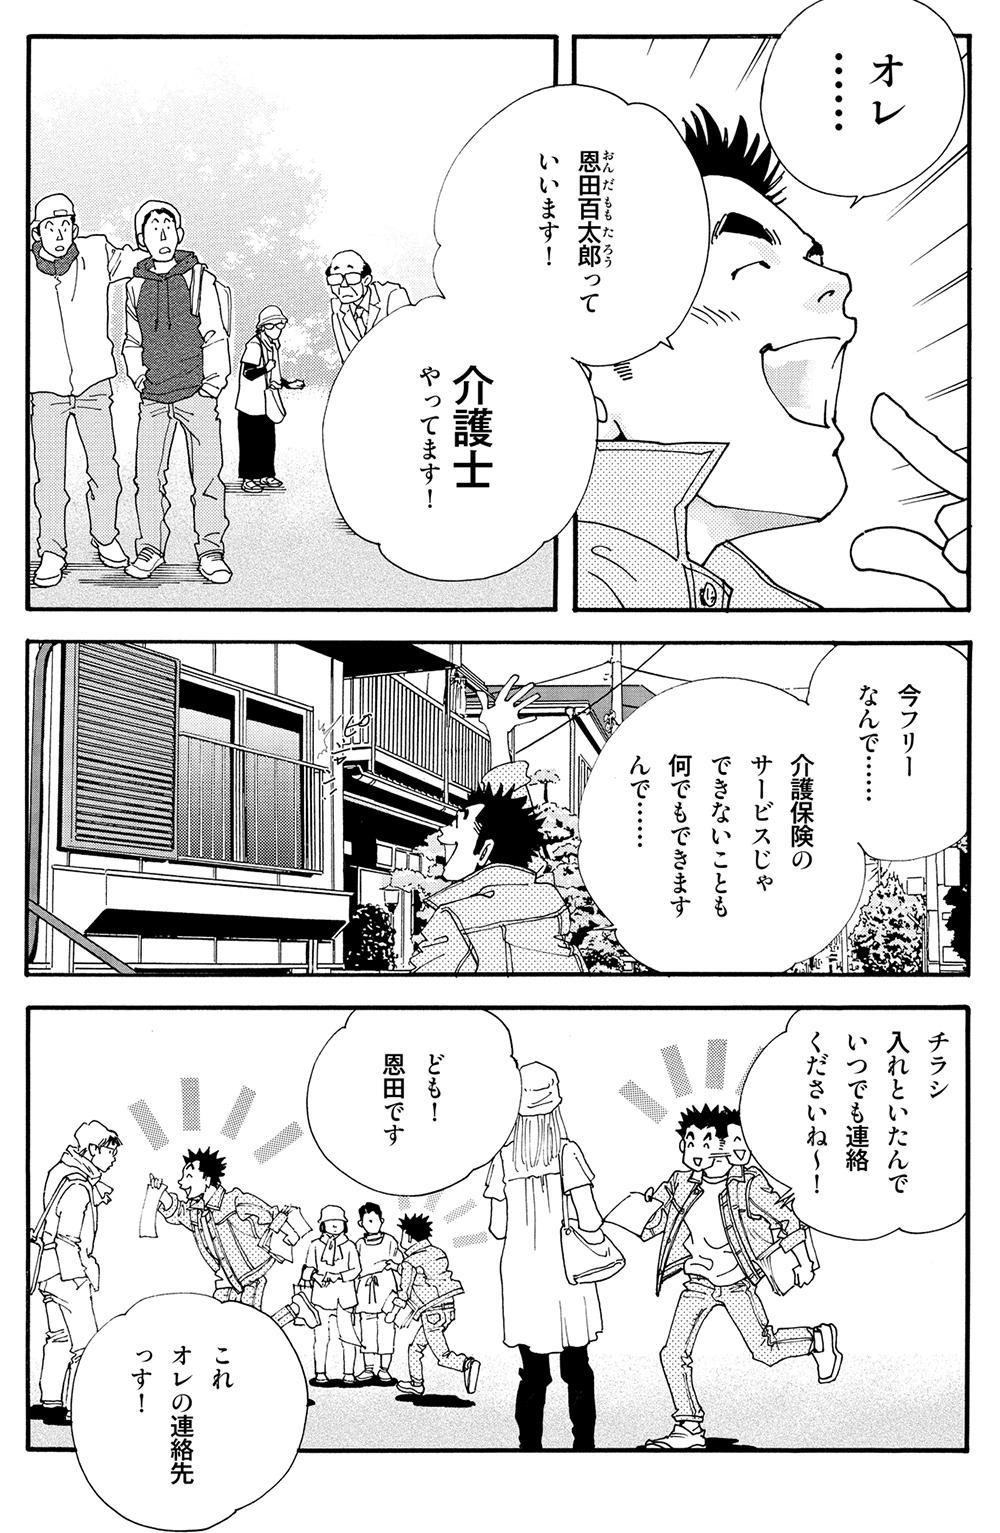 ヘルプマン!! 第1話「フリー介護士現る!」help1-6.jpg